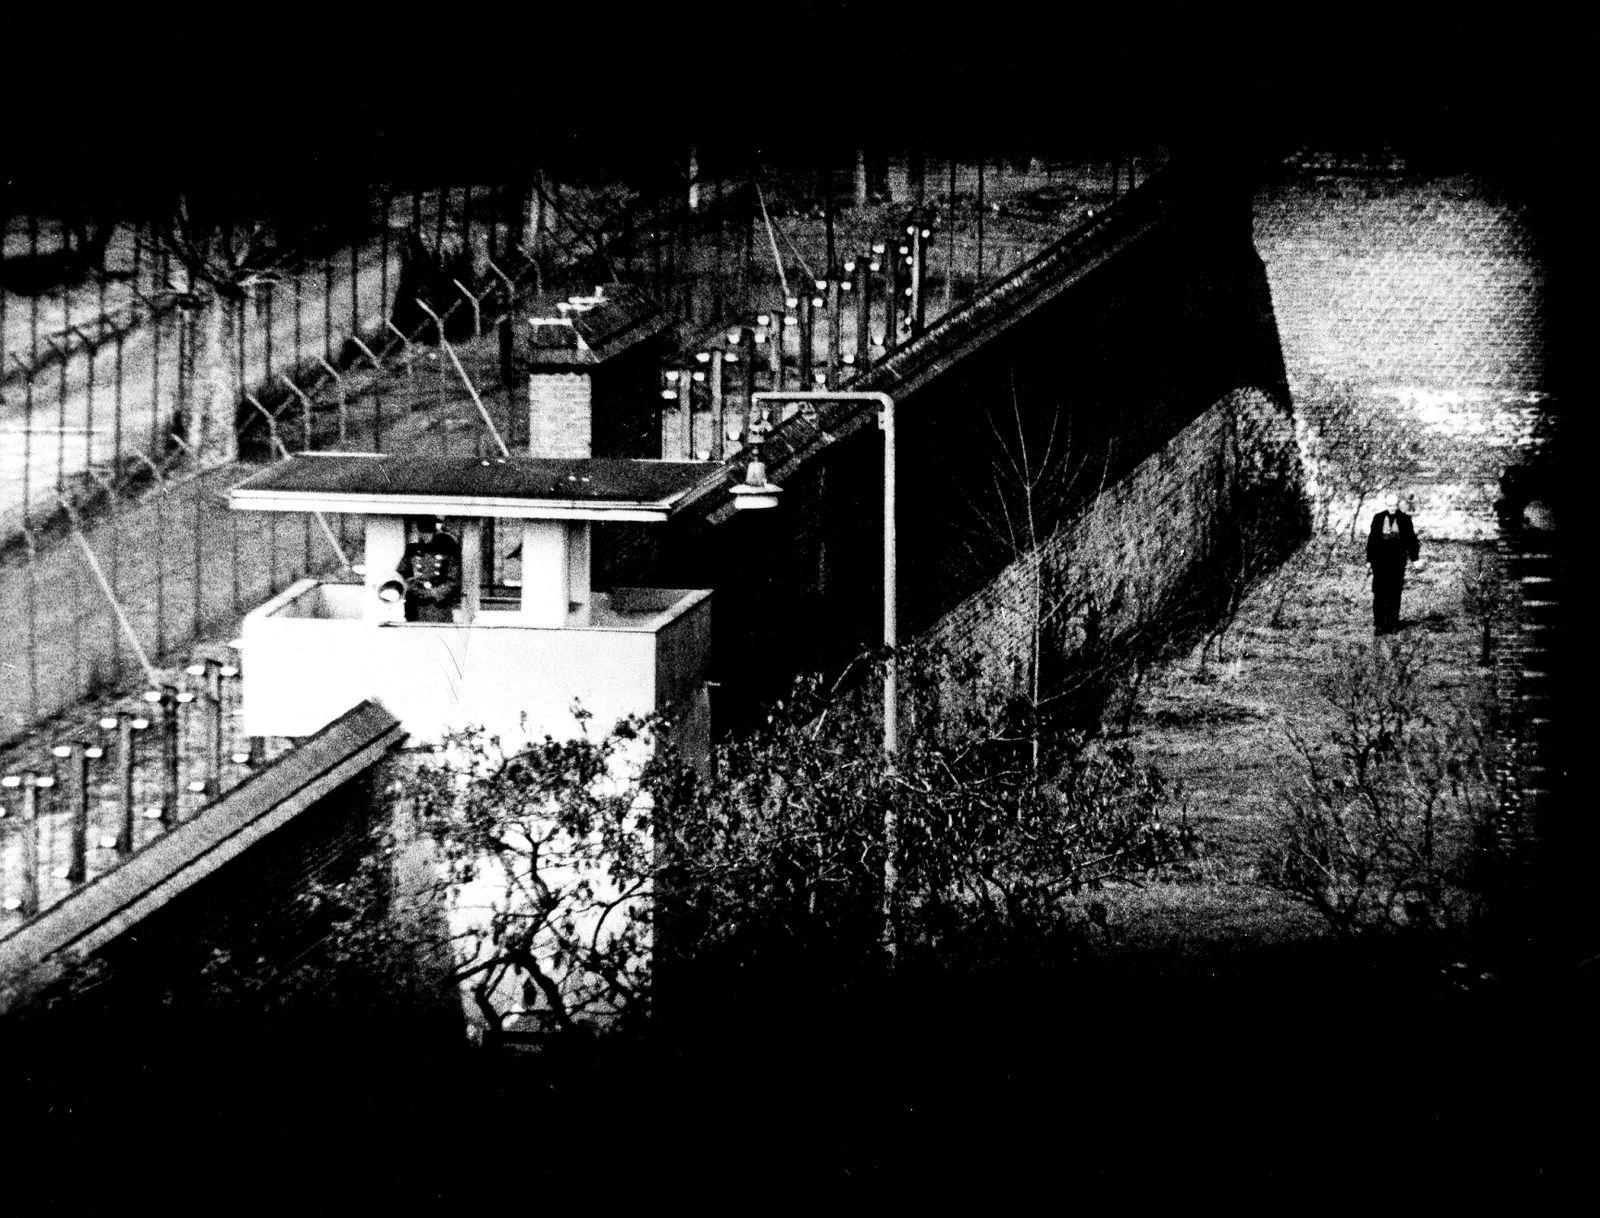 Kriegsverbrecher-Gefängnis Berlin Spandau: im Gefängnishof: Albert Speer